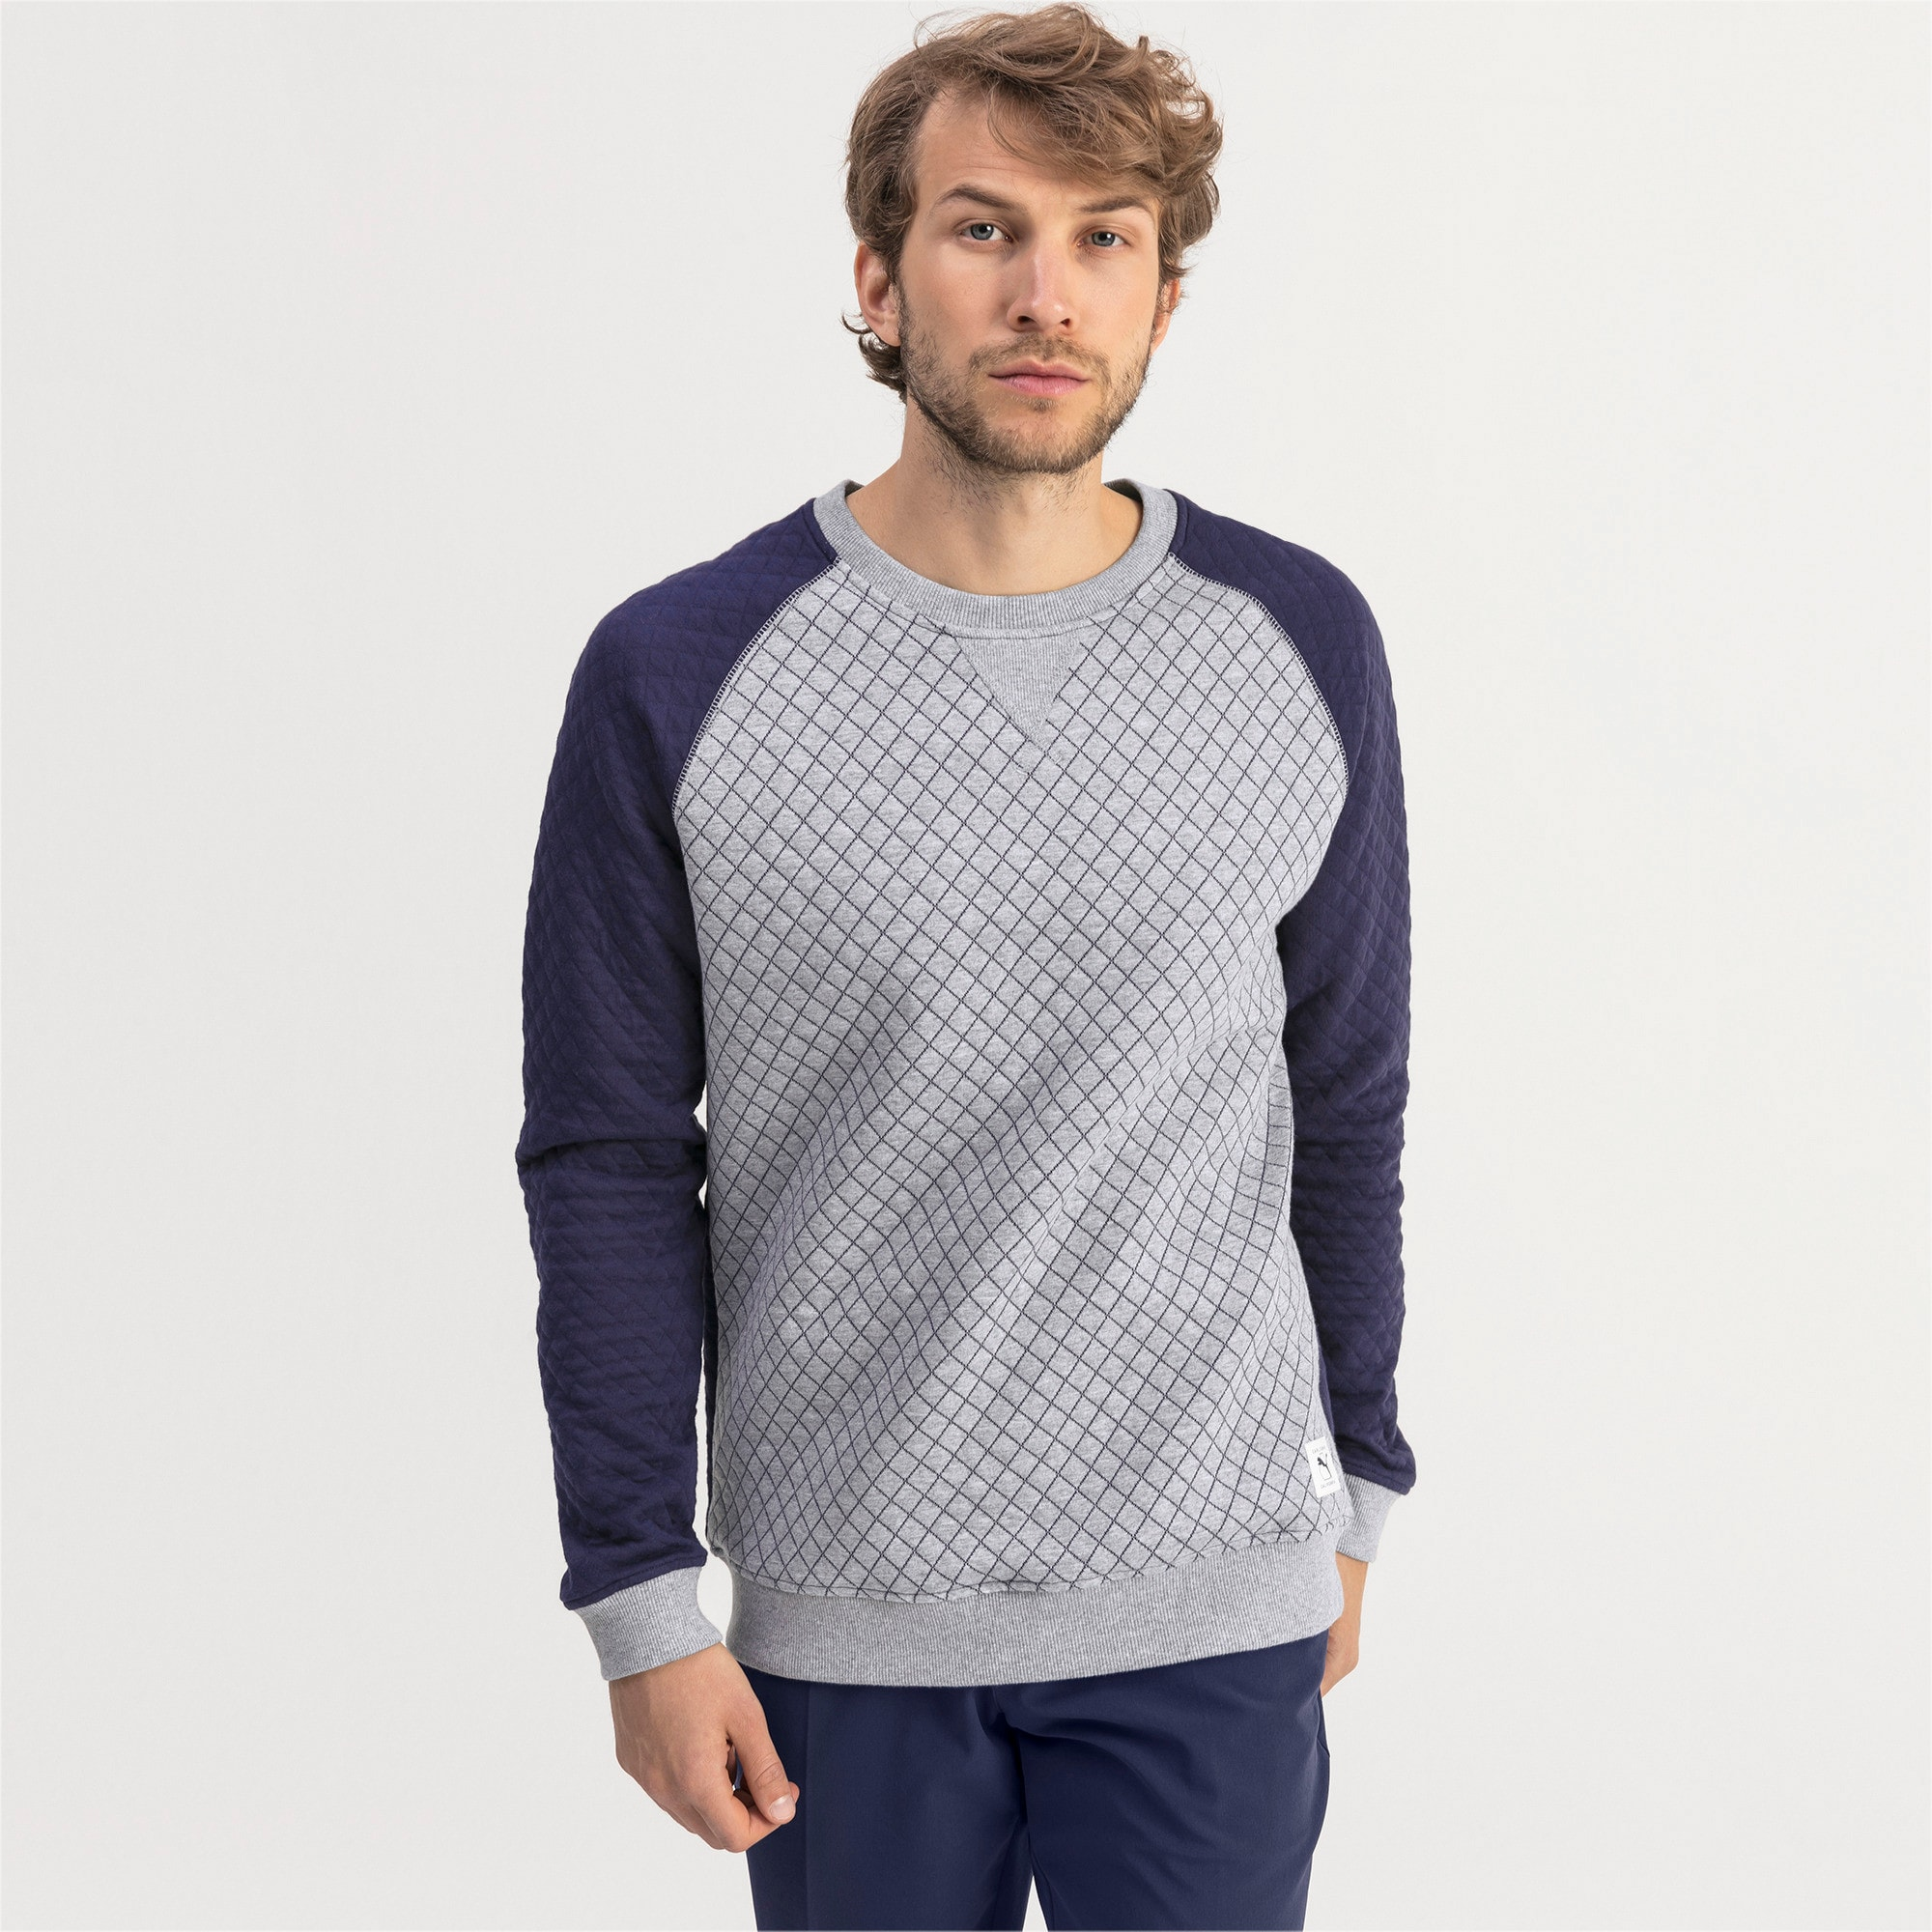 Thumbnail 1 of Doorgestikte golfsweater voor heren, Quarry Heather, medium